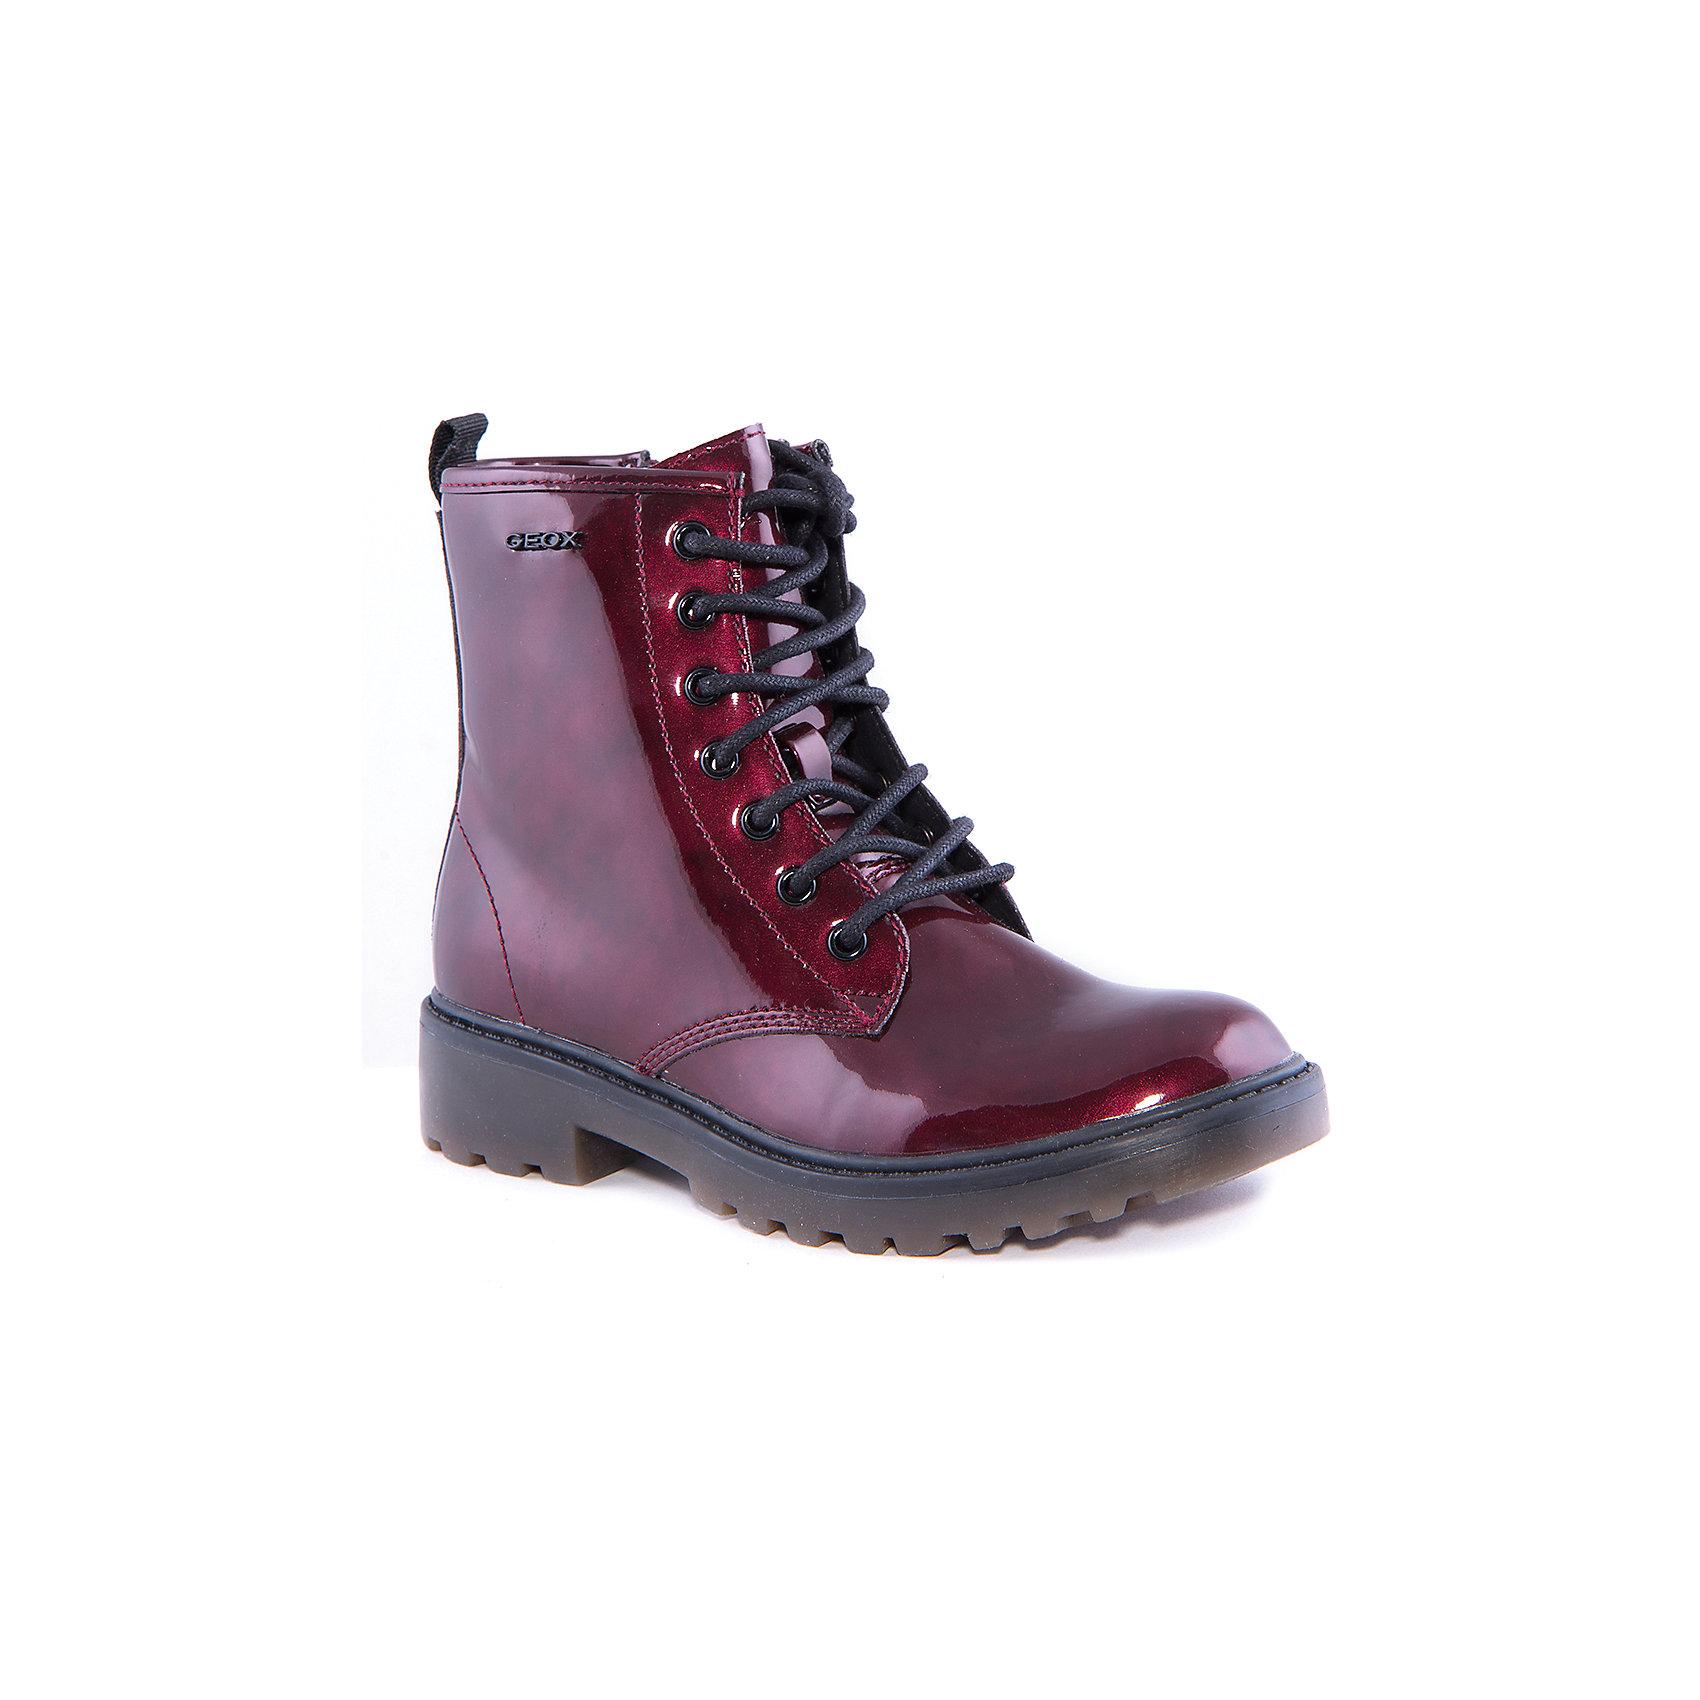 Полусапожки для девочки GEOXПолусапожки для девочки от популярной марки GEOX.<br>Эти стильные бордовые полусапоги сделаны по уникальной технологии. Производитель обуви GEOX разработал специальную дышащую подошву, которая не пропускает влагу внутрь, а также высокотехнологичную стельку. Полусапожки отлично садятся по ноге. Они сделаны из металлизированной экокожи. <br>Отличительные особенности модели:<br>- гибкая водоотталкивающая подошва с дышащей мембраной;<br>- мягкий и легкий верх;<br>- эргономичная форма;<br>- удобная застежка-молния, шнуровка;<br>- комфортное облегание;<br>- ударопрочная антибактериальная стелька;<br>- защита пятки и пальцев;<br>- верх обуви и подкладка сделаны без использования хрома.<br>Дополнительная информация:<br>- Температурный режим: от - 10° С  до + 15° С.<br>- Состав:<br>материал верха: экокожа<br>материал подкладки: текстиль<br>подошва: полимер.<br>Полусапожки для девочки GEOX (Геокс) можно купить в нашем магазине.<br><br>Ширина мм: 257<br>Глубина мм: 180<br>Высота мм: 130<br>Вес г: 420<br>Цвет: красный<br>Возраст от месяцев: 84<br>Возраст до месяцев: 96<br>Пол: Женский<br>Возраст: Детский<br>Размер: 31,32,33,35,36,38,34,39,37<br>SKU: 4178589